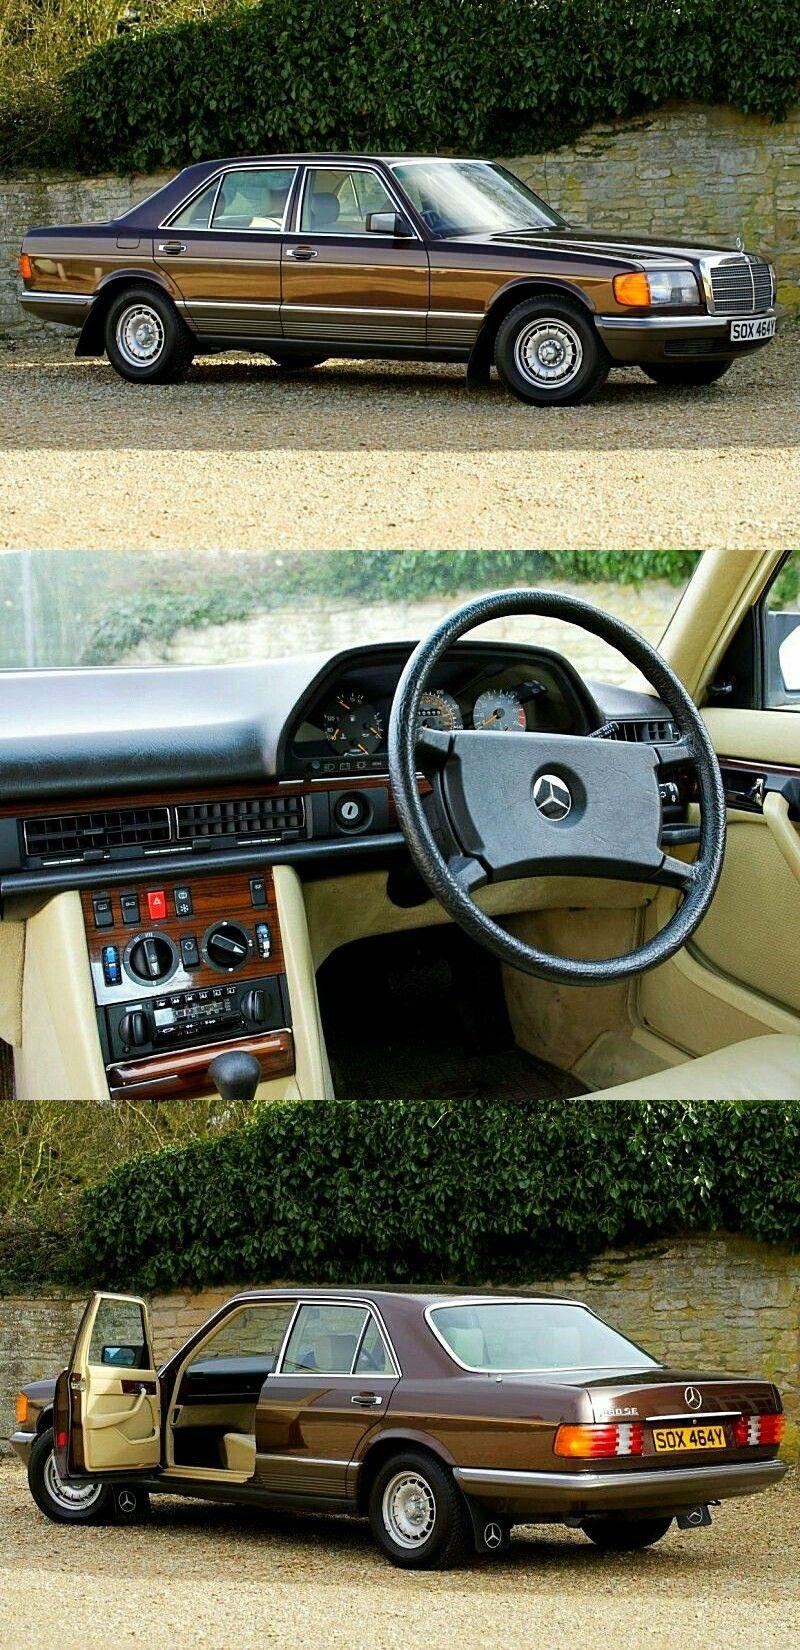 1983 Mercedes Benz 380SE 3.8 V8 Saloon